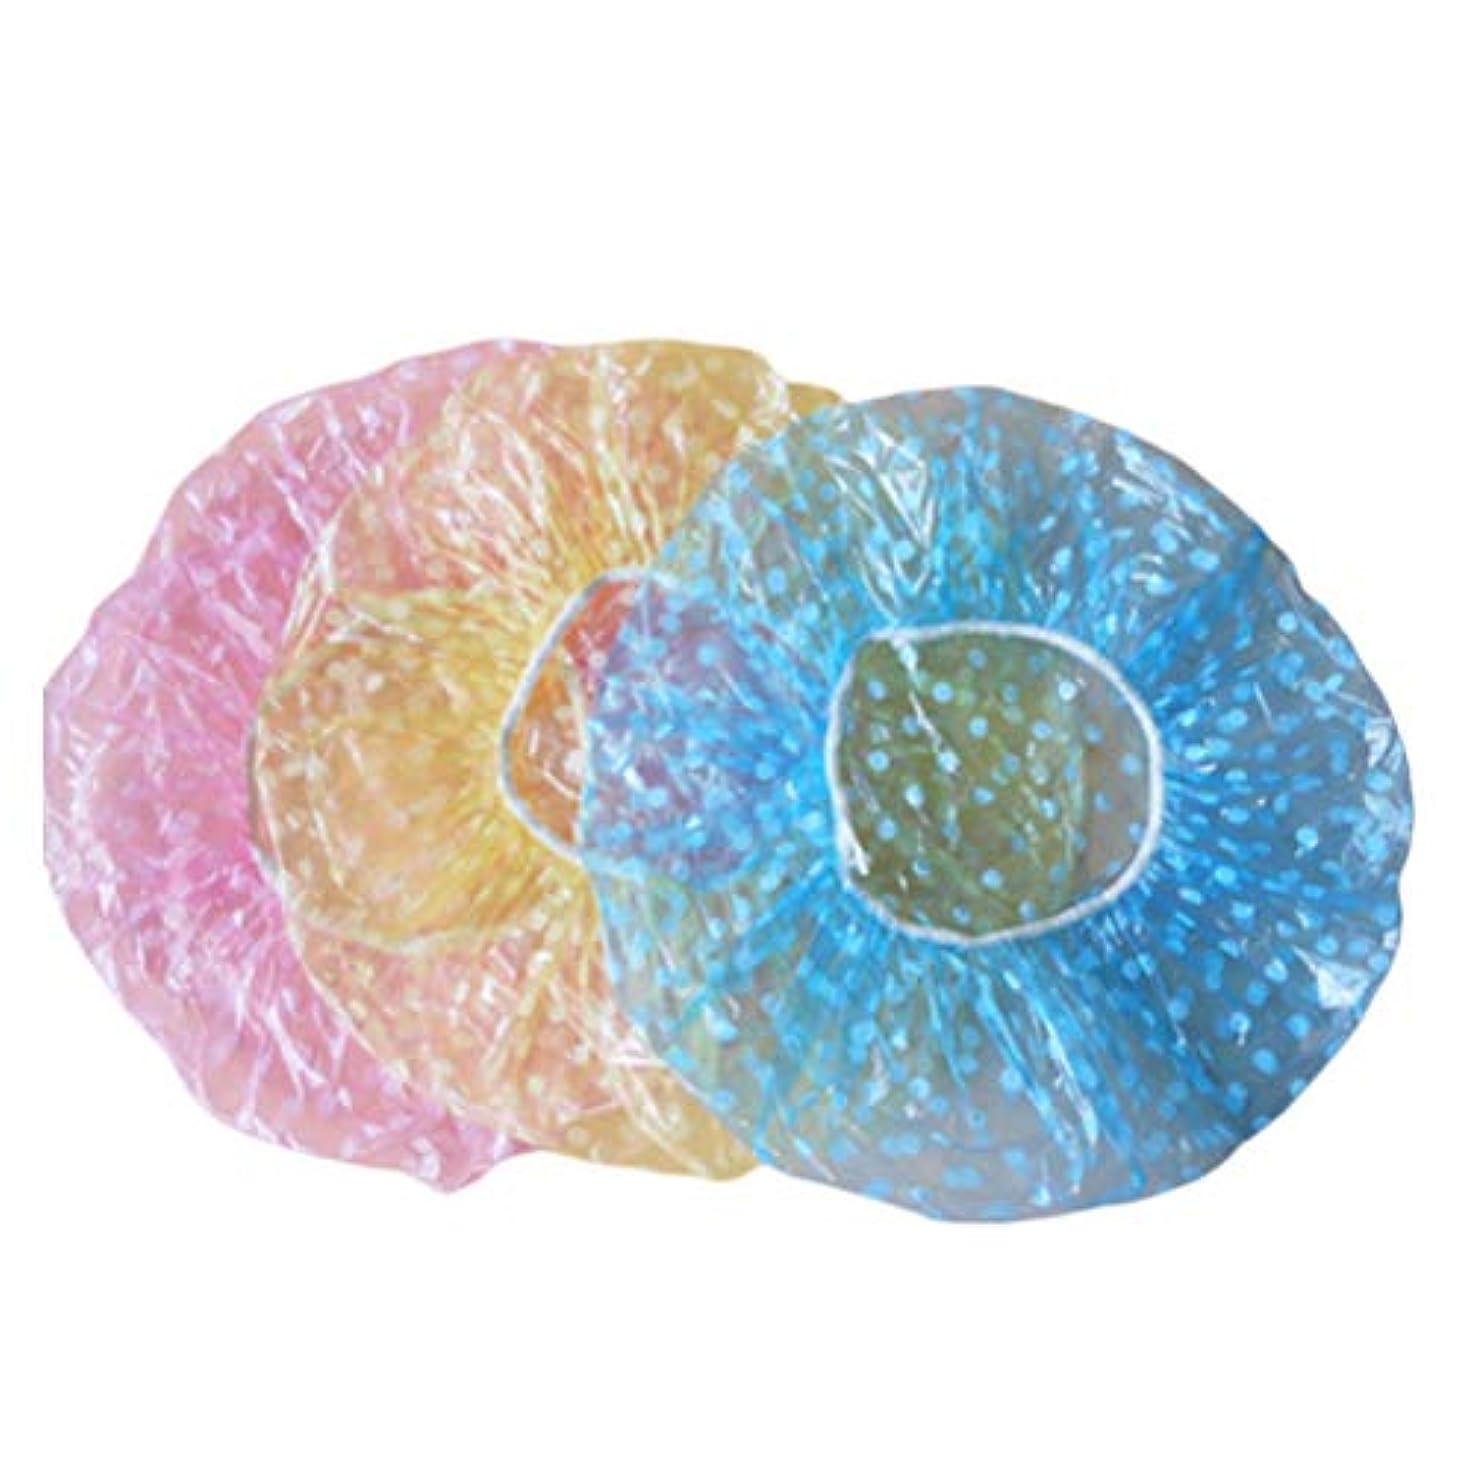 狂う腰入植者Frcolor シャワーキャップ お風呂 キャップ レディース 使い捨てキャップ シャワー サロン用 60枚セット(混色)